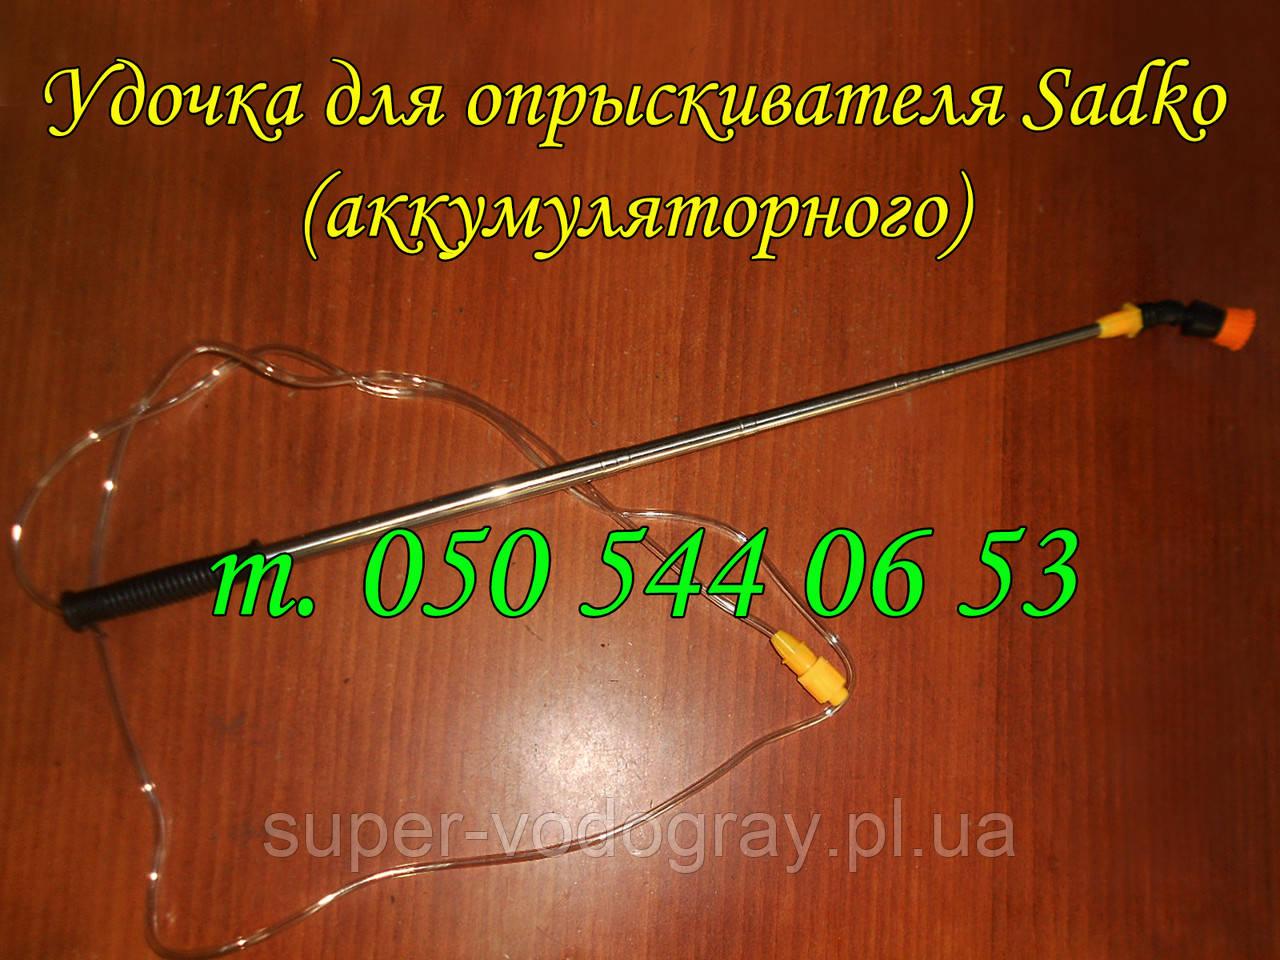 Удочка (штанга) для опрыскивателя Sadko (аккумуляторный)